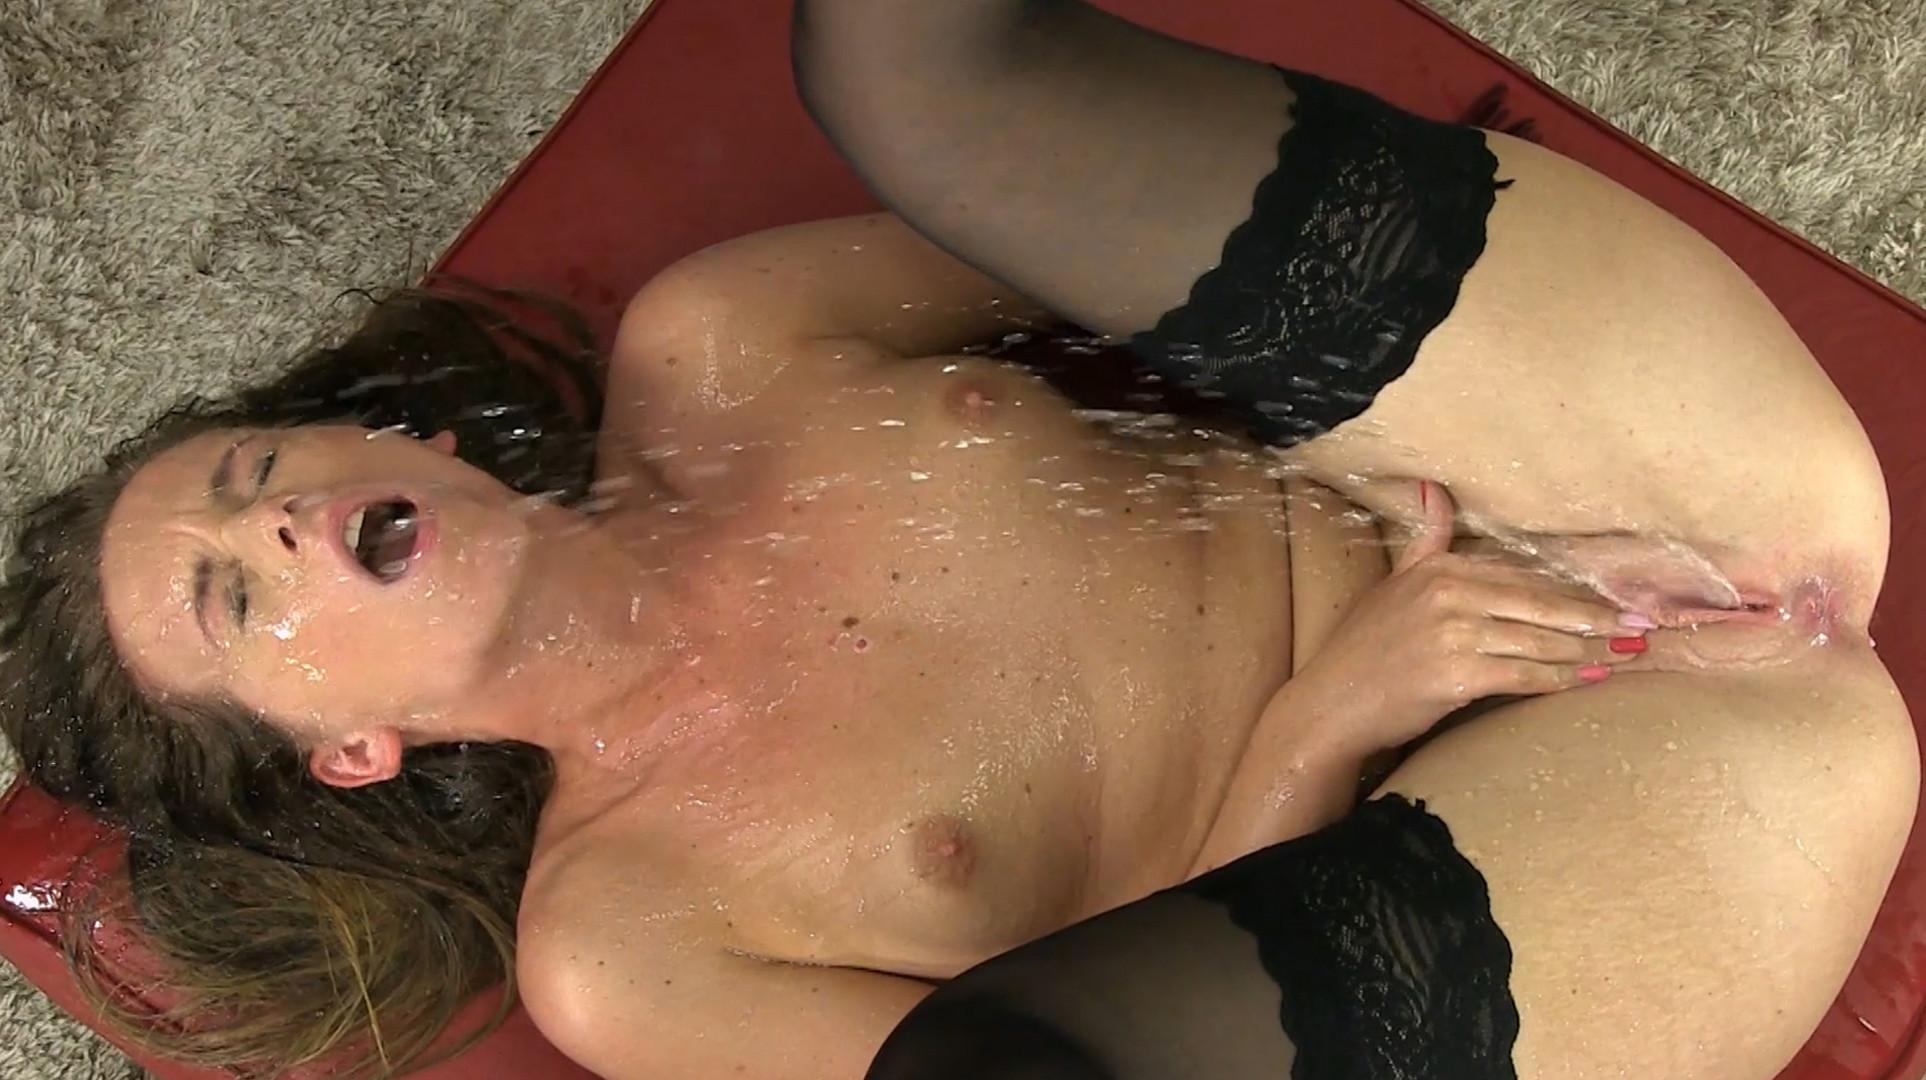 Порно любители нырнуть в пилотку совет